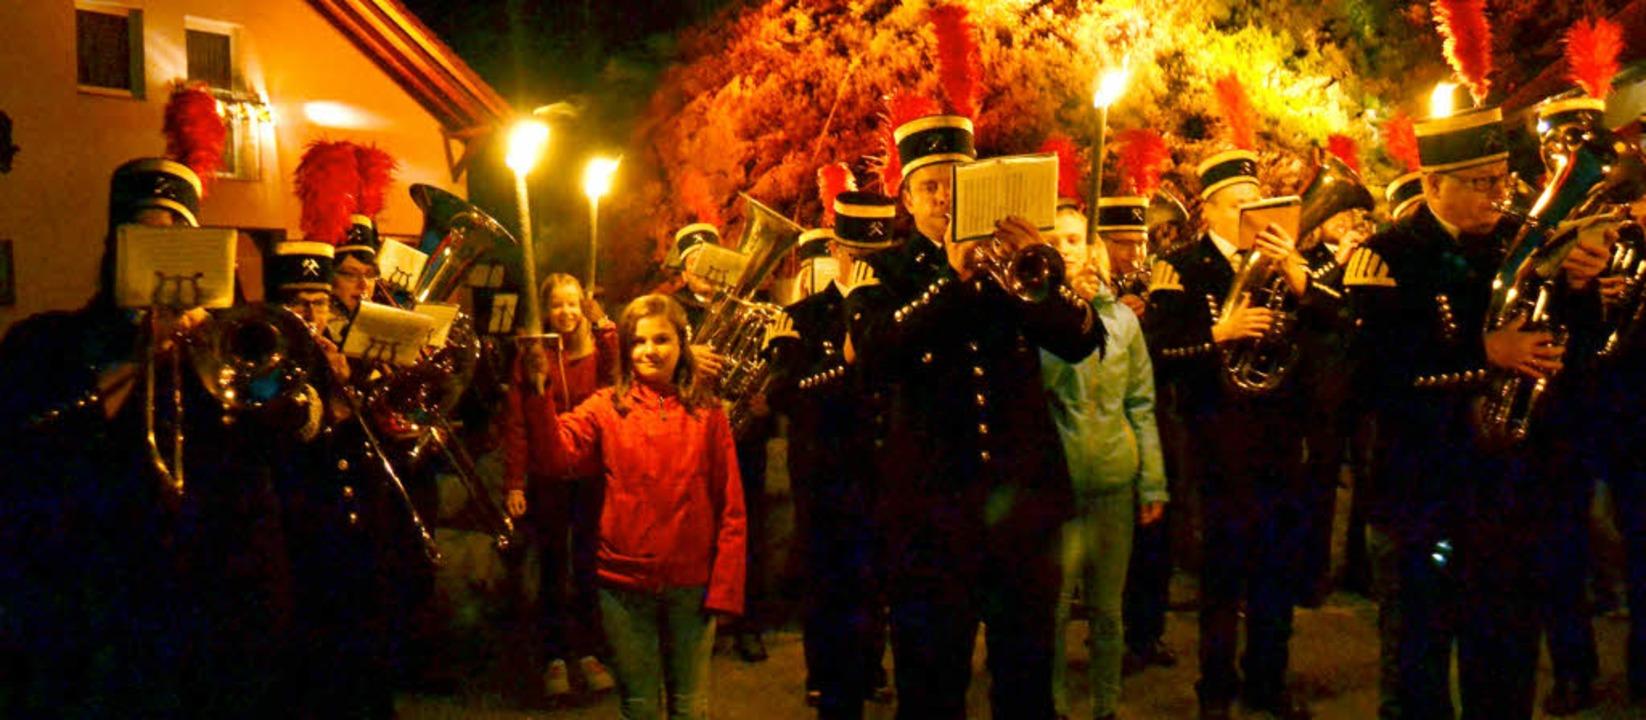 Aufmarsch der Kapelle zum Zapfenstreic...eng festgelegten Ritual zelebrierten.   | Foto: Paul Berger